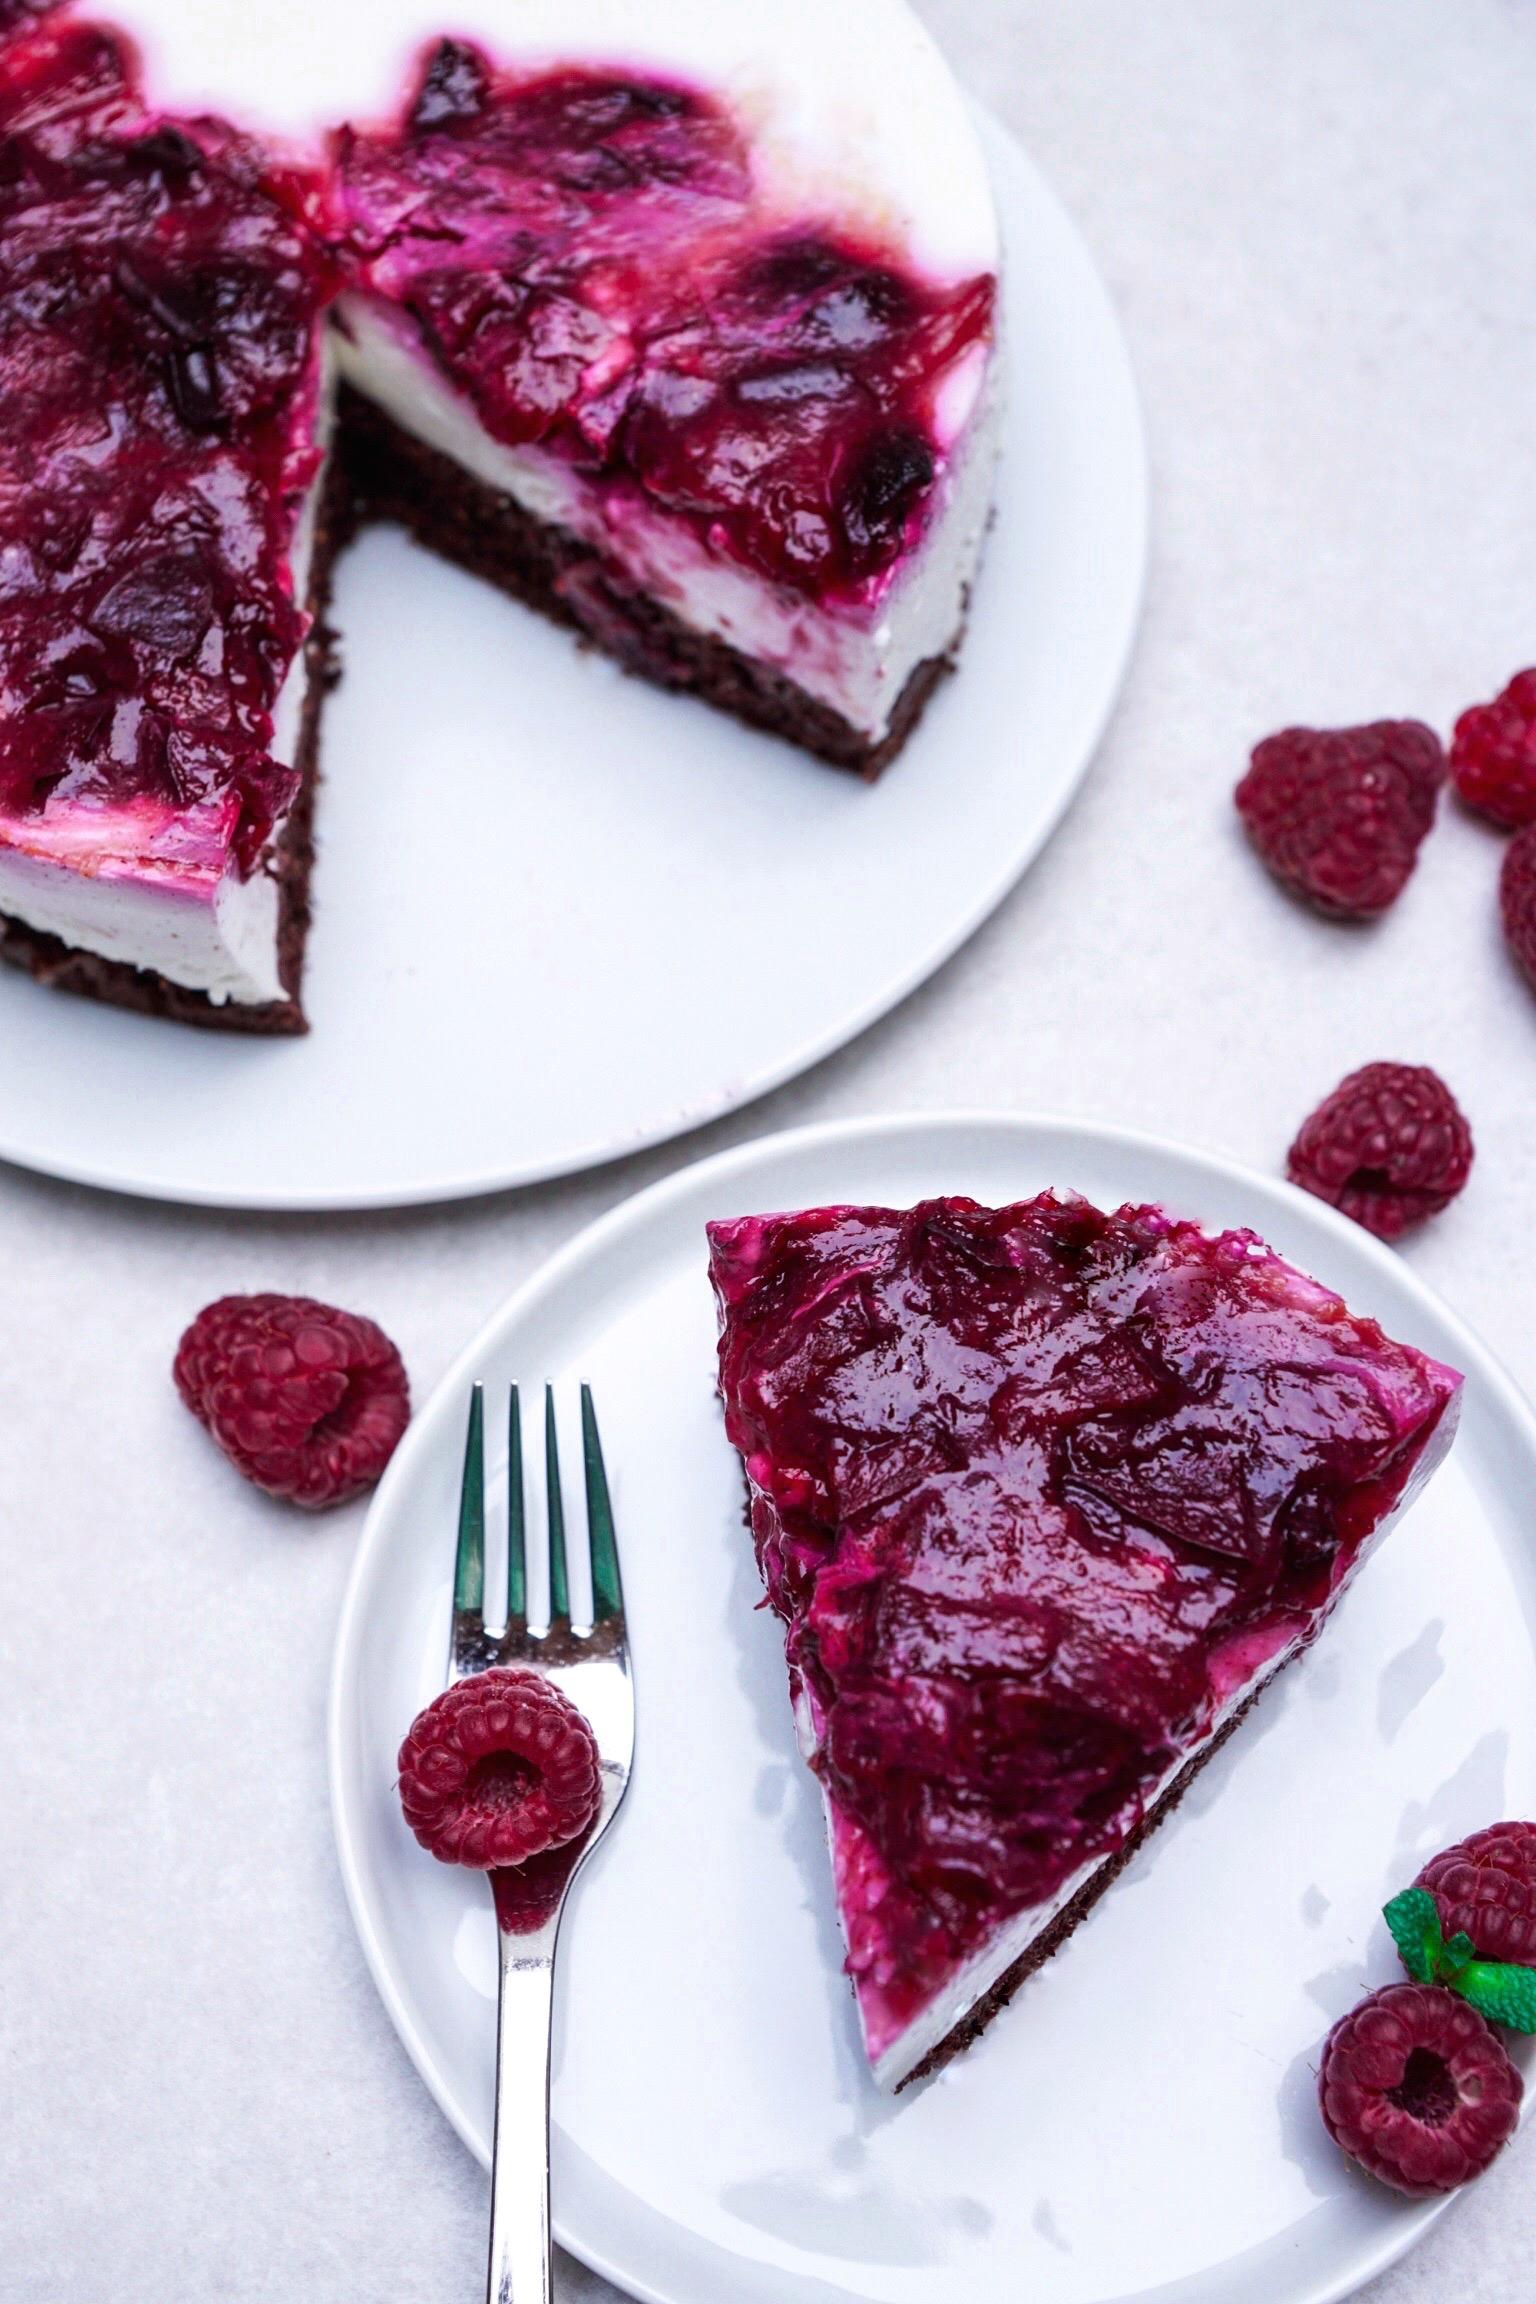 Kuchen von oben